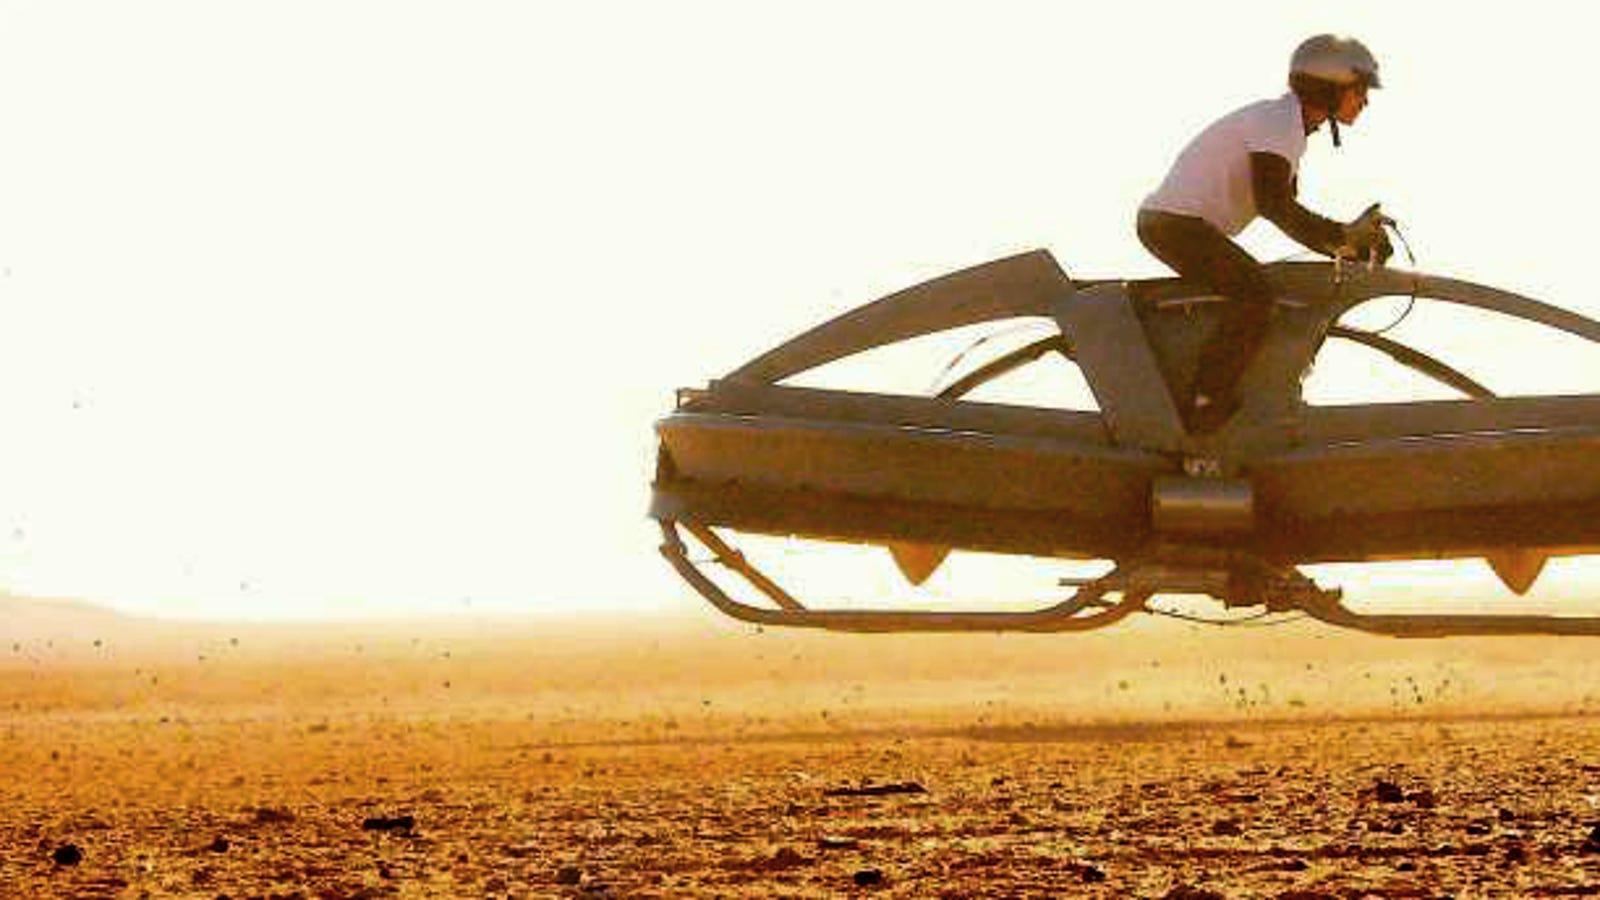 Esta potente moto voladora ya se puede reservar por 5.000 dólares